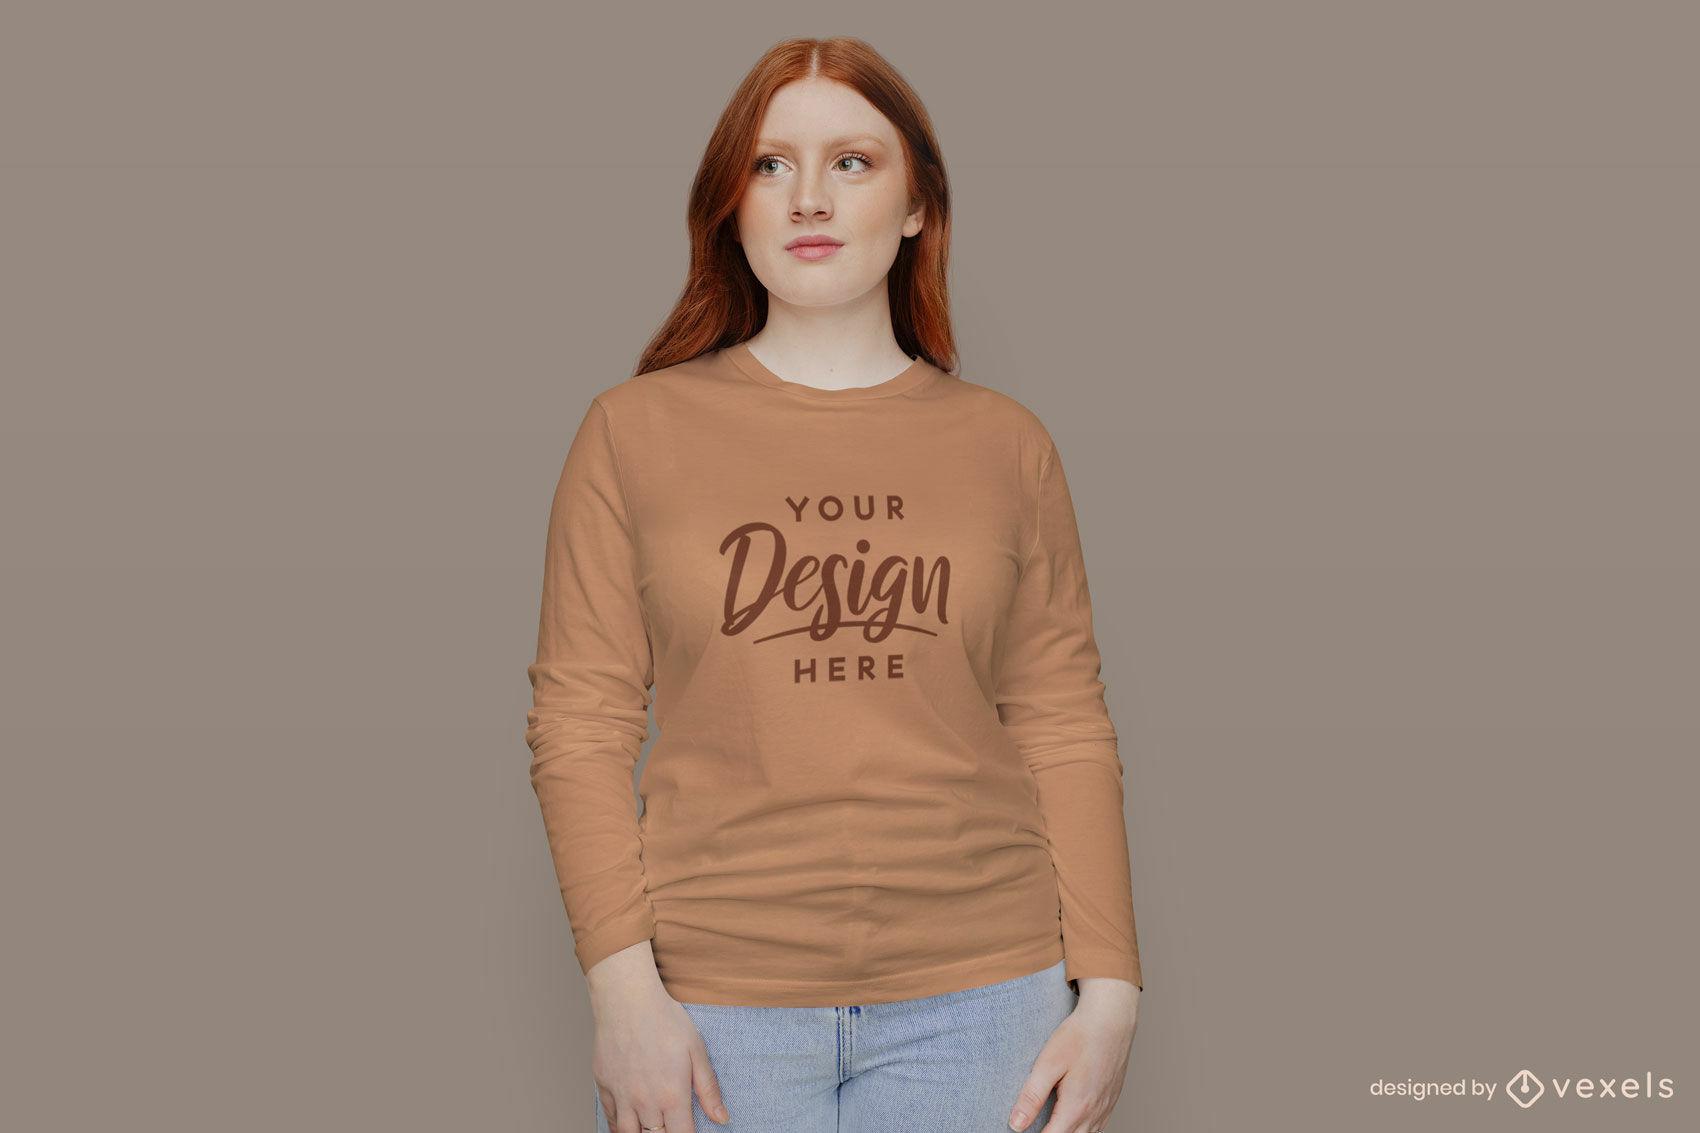 Mädchen im orangefarbenen Langarm-T-Shirt-Modell